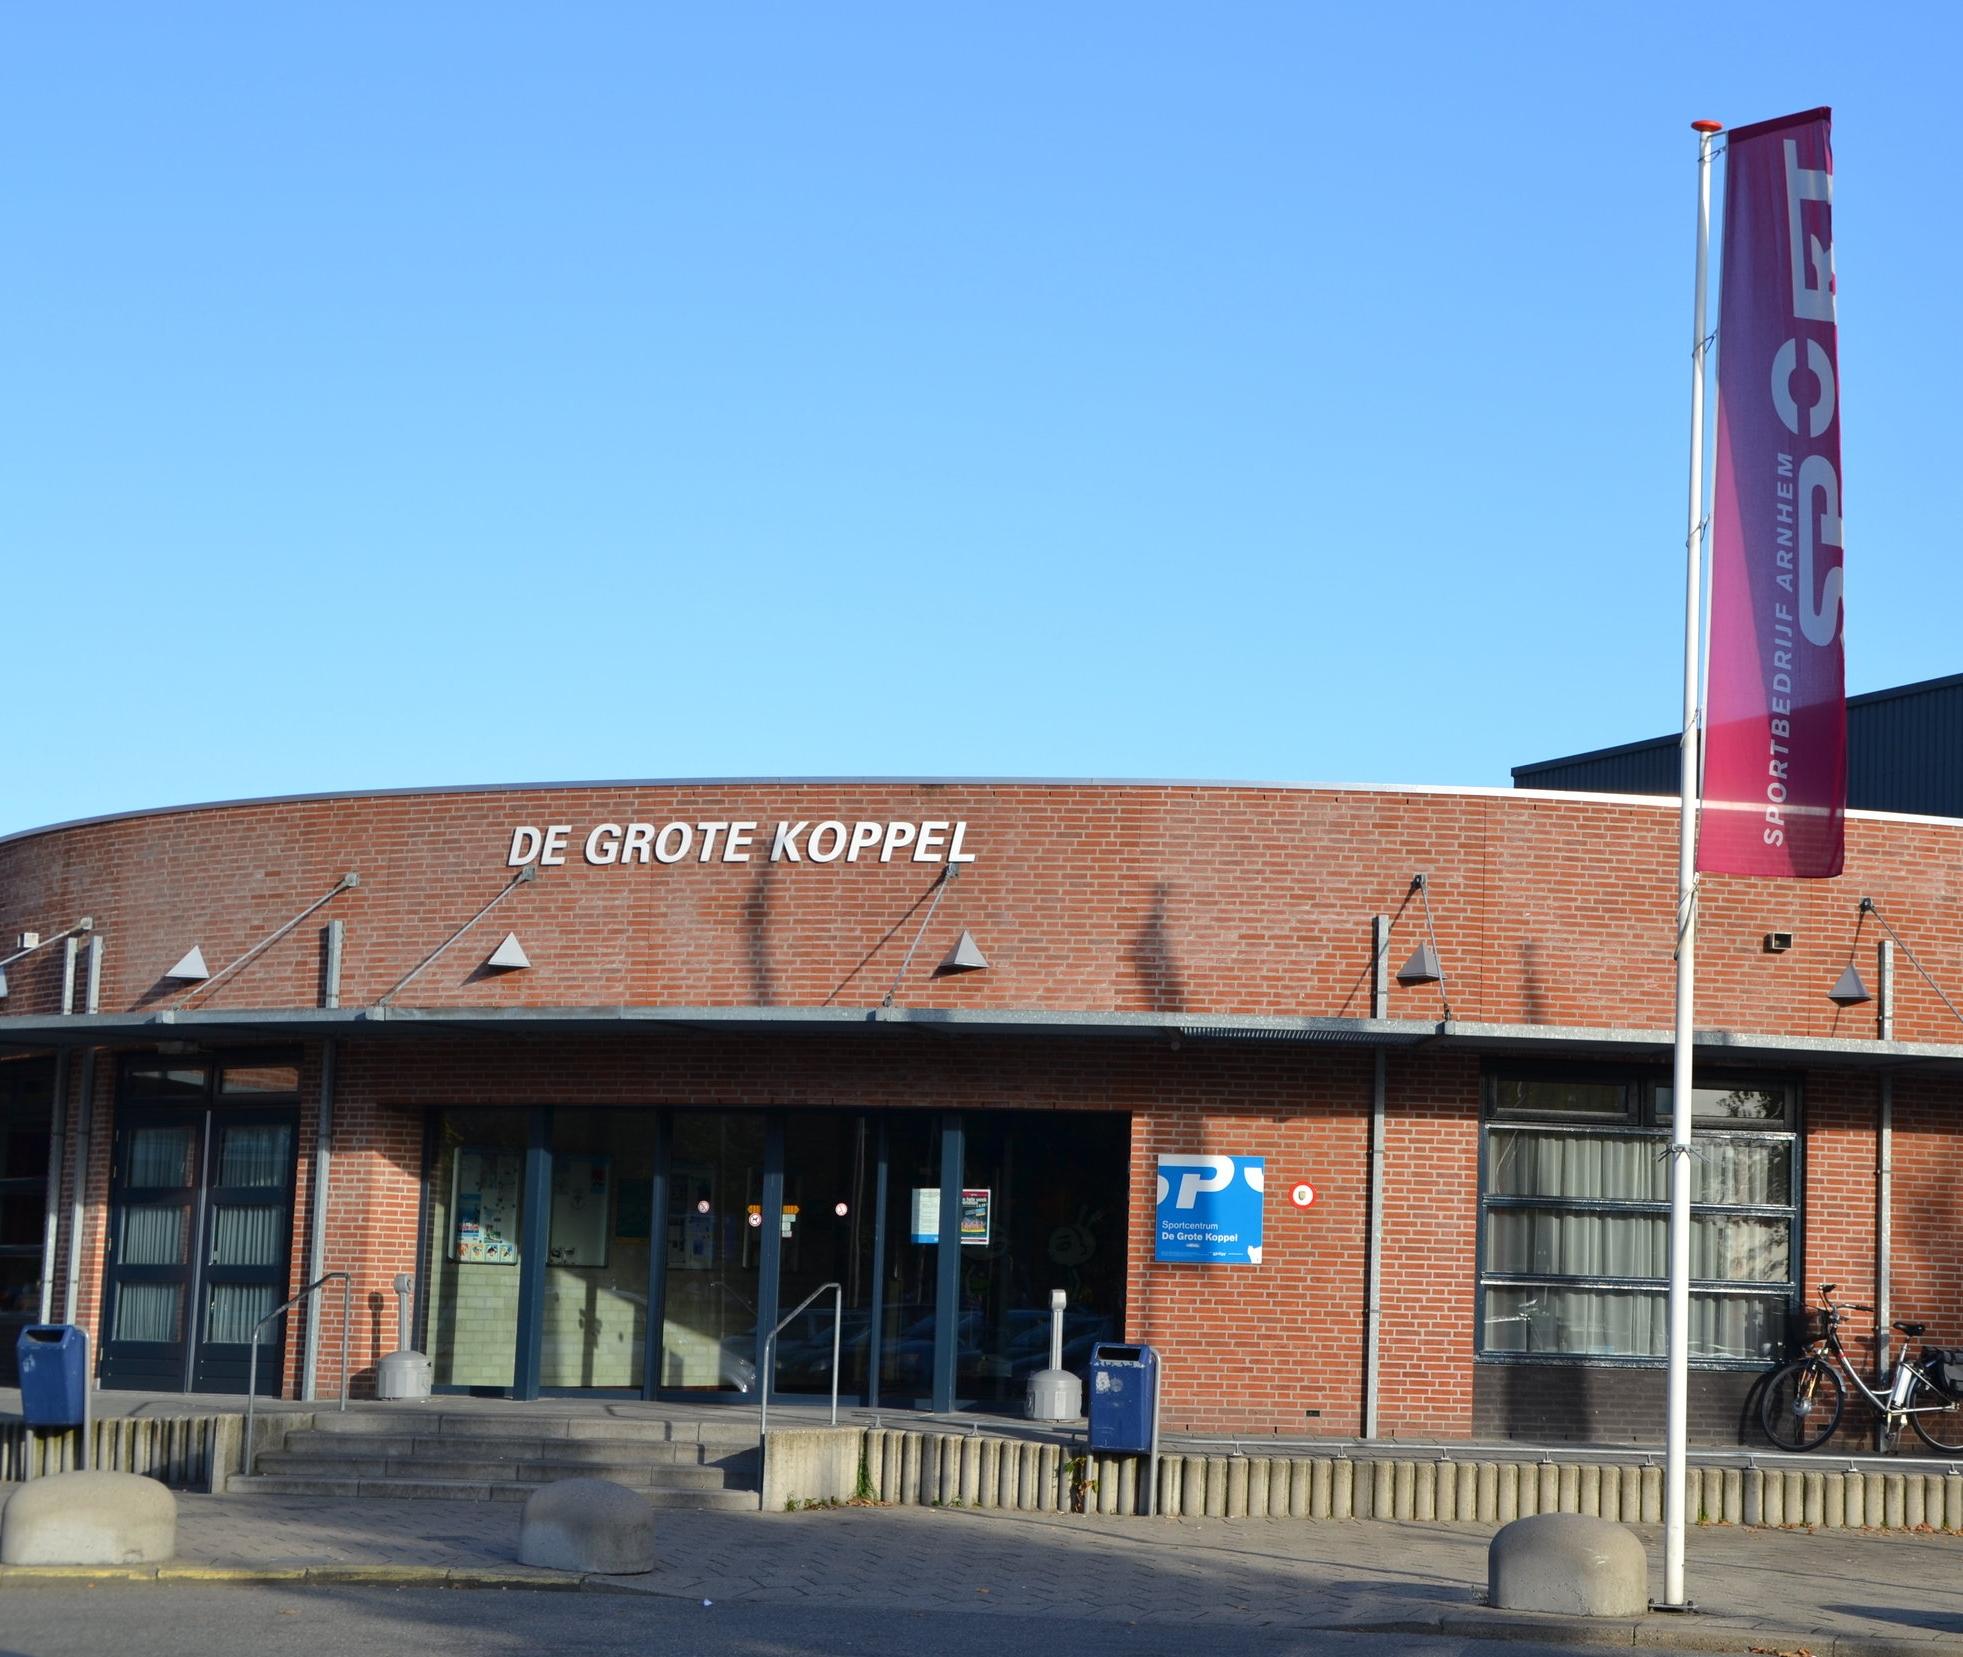 Sportbedrijf arnhem - De Expert in sporten en bewegen. Sportbedrijf Arnhem biedt een breed scala aan sportactiviteiten en sportmogelijkheden voor alle Arnhemmers.Het tegoed op uw pas is alleen inwisselbaar voor een '12x abonnement'. Meer informatie zie website:www.sportbedrijfarnhem.nl